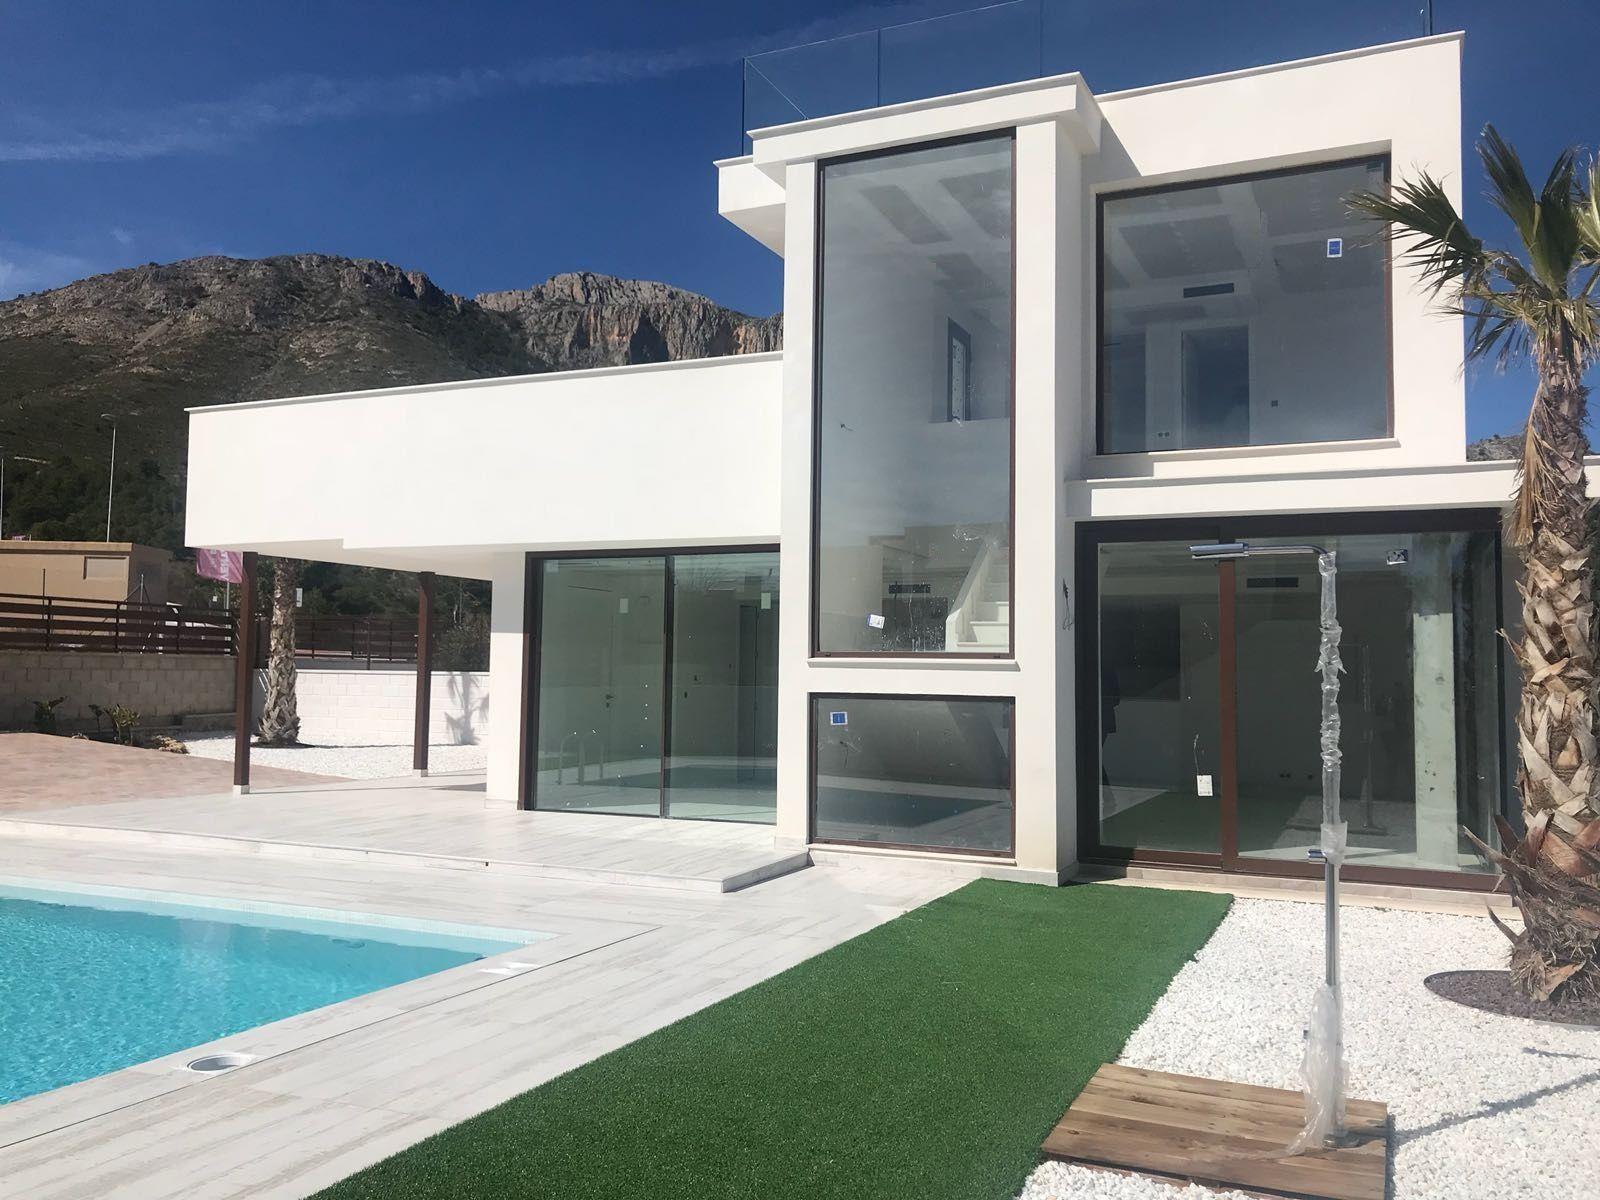 Villas in Polop 6